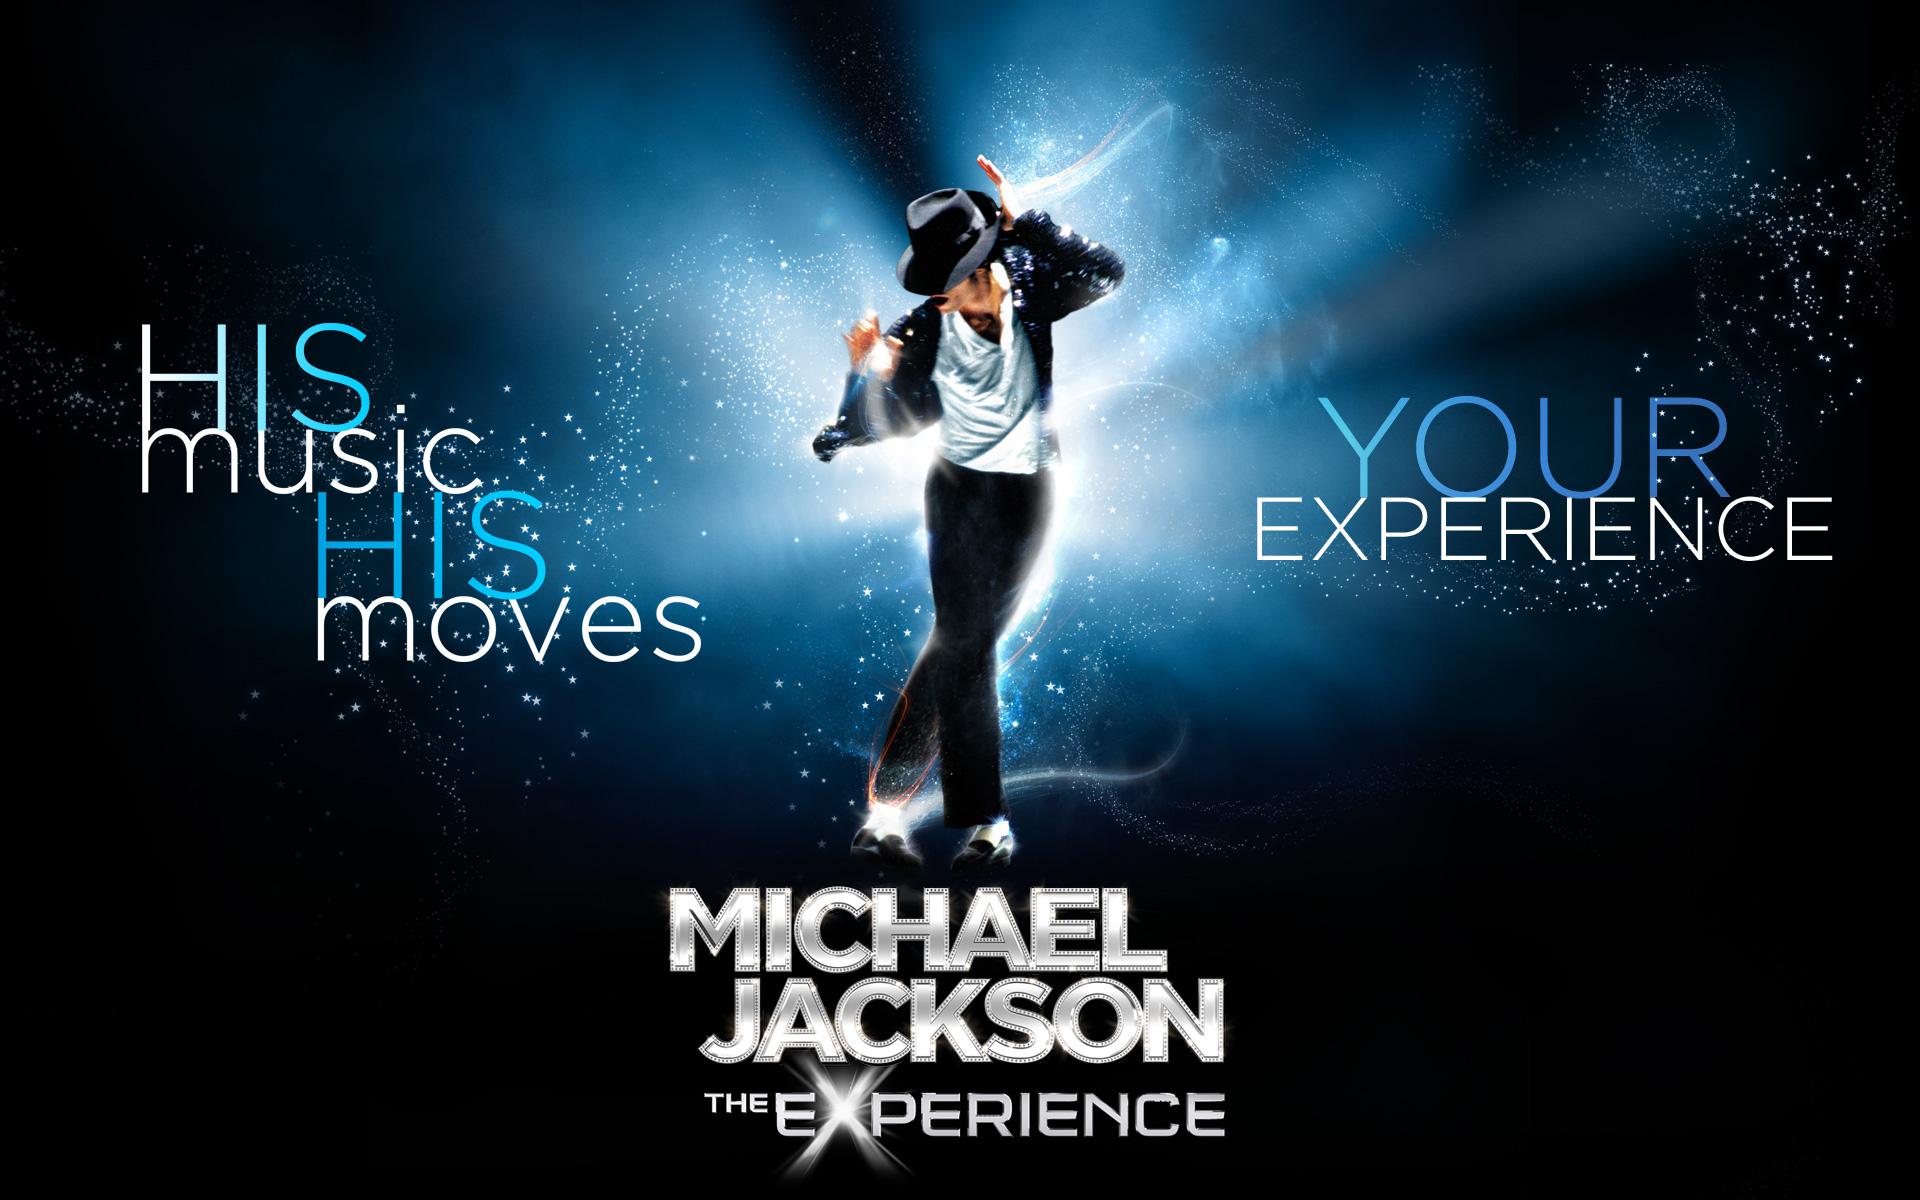 マイケル ジャクソン ザ エクスペリエンス 公式サイトオープン